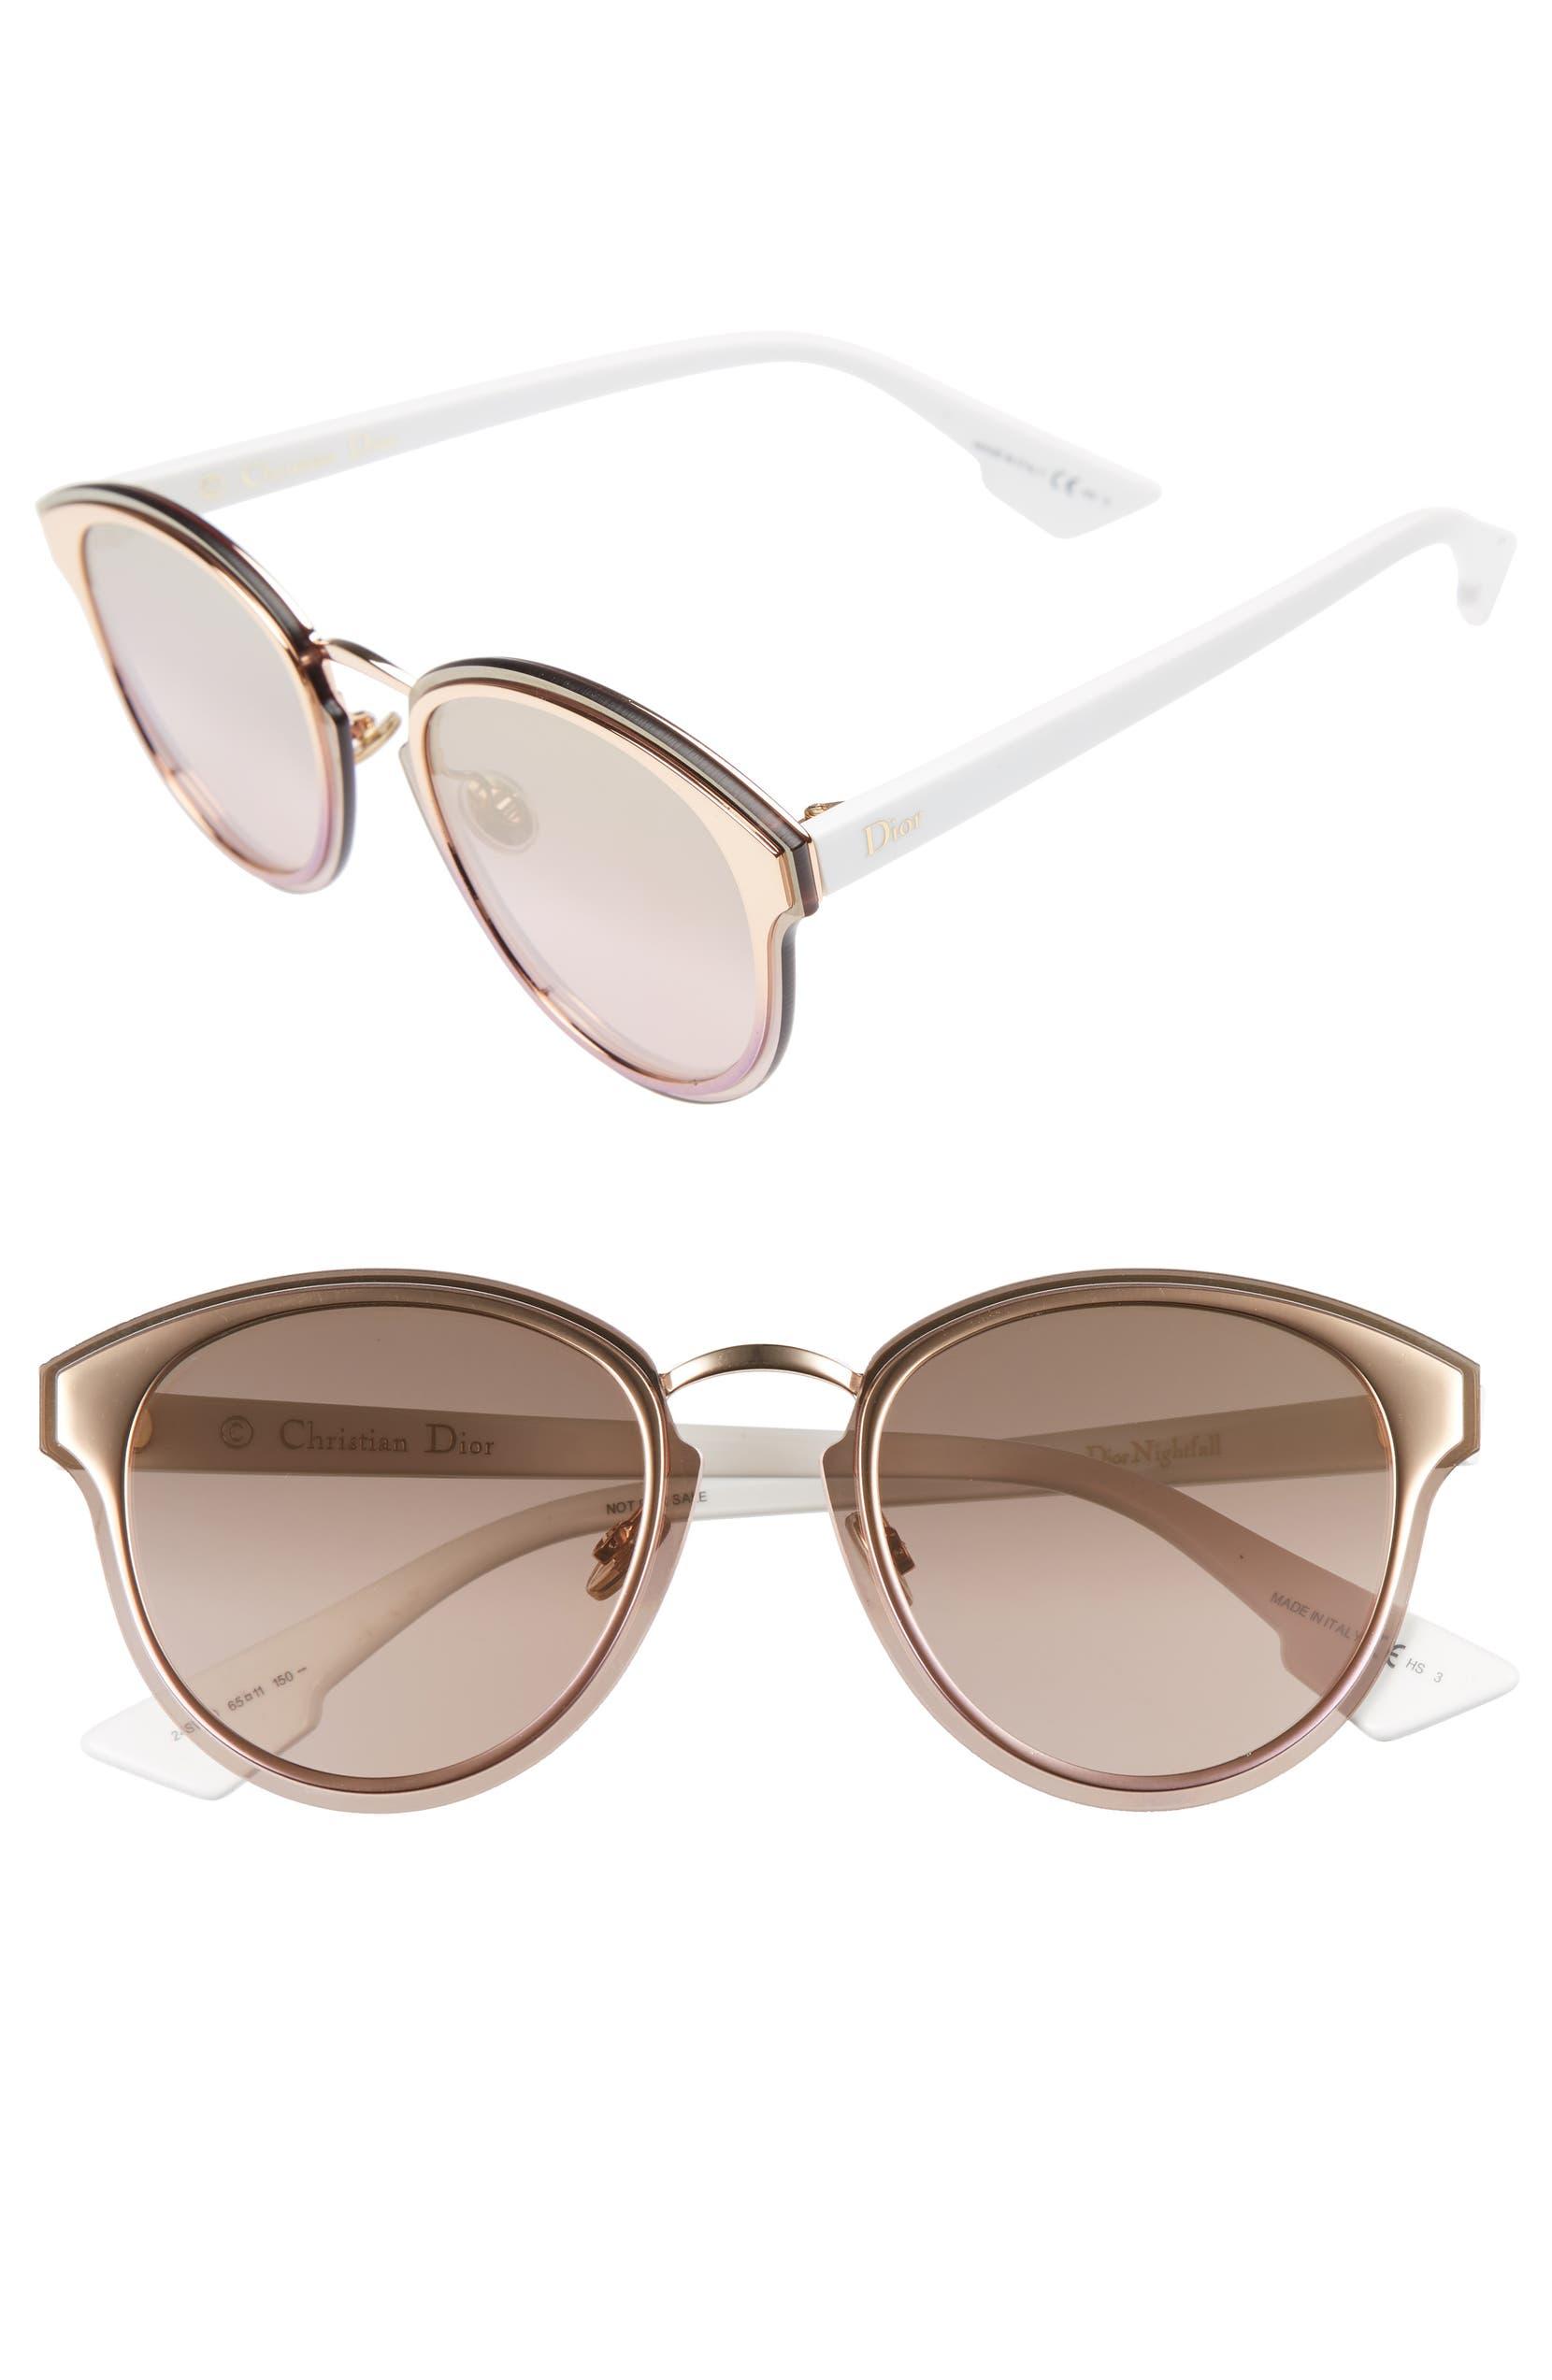 73f883c7d0 Dior Nightfall 65mm Sunglasses